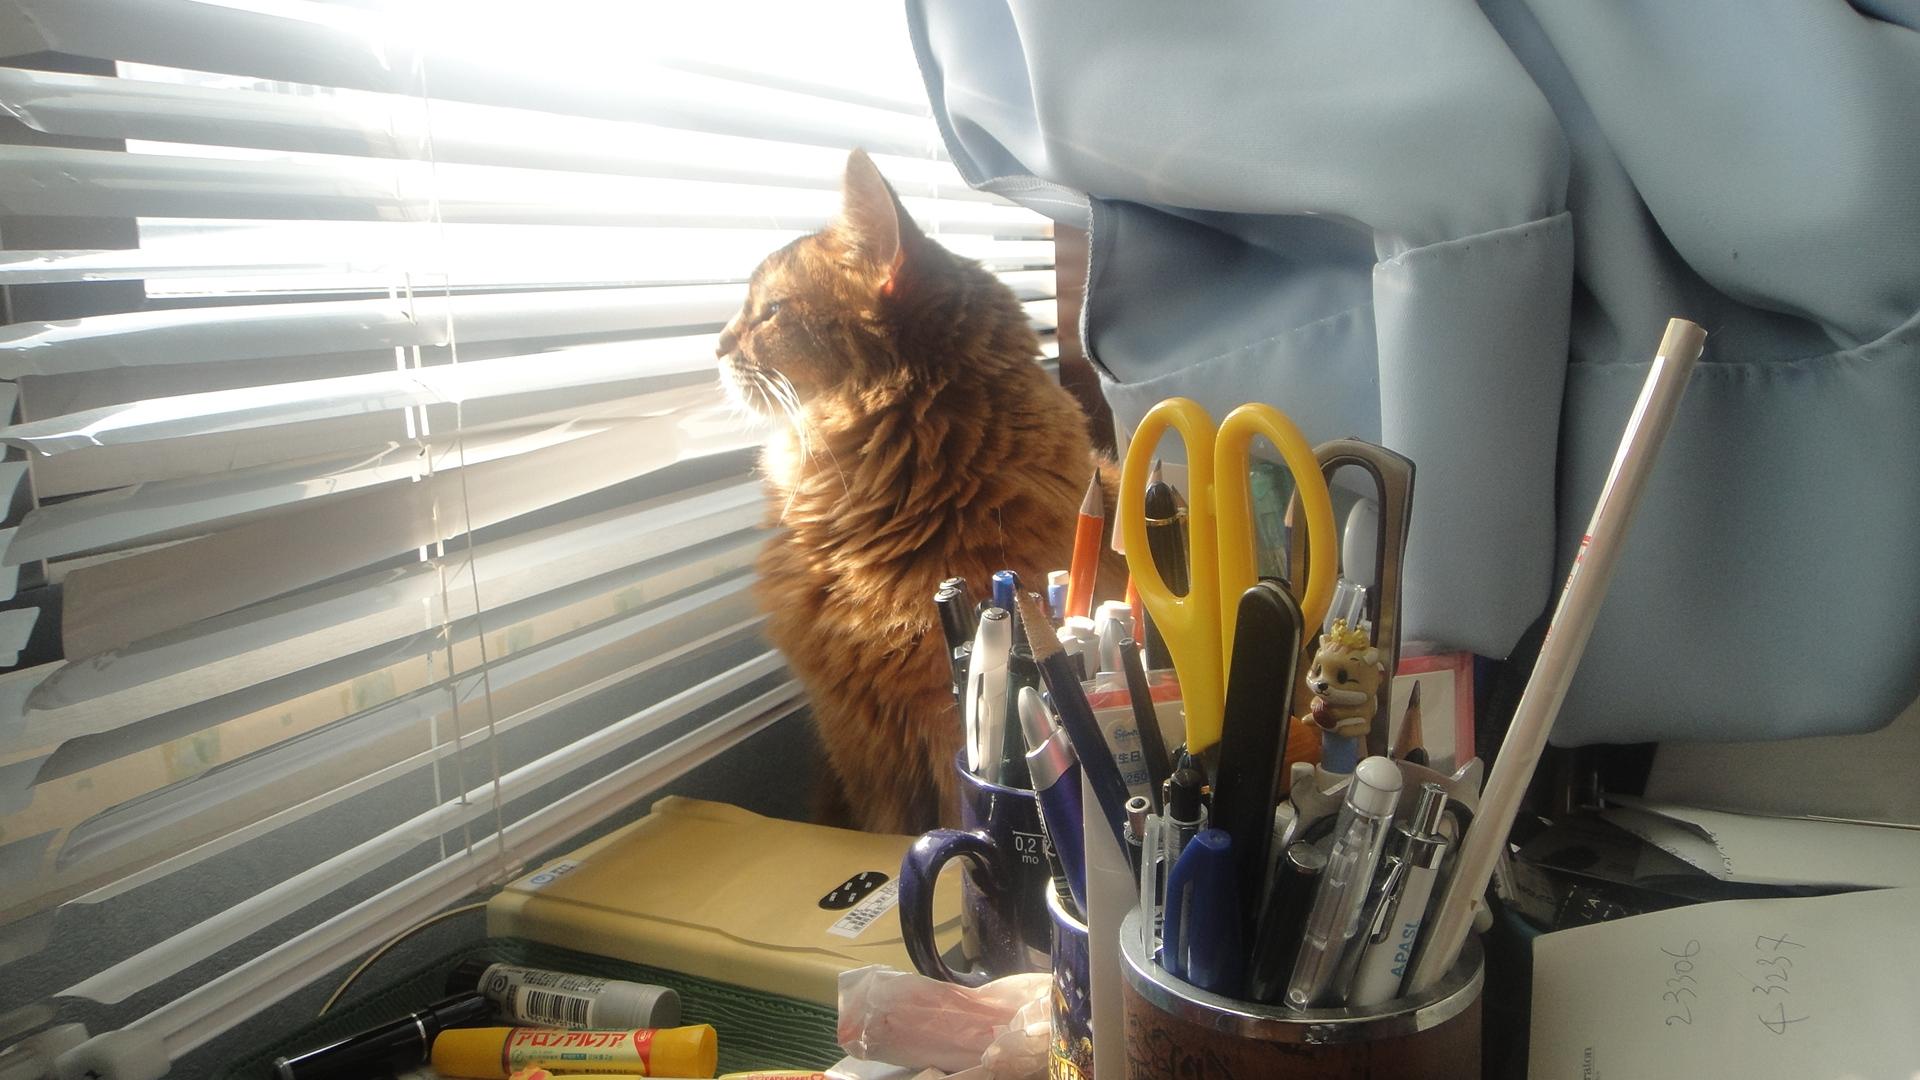 窓のブラインドの間からカカカッと威嚇するローズ